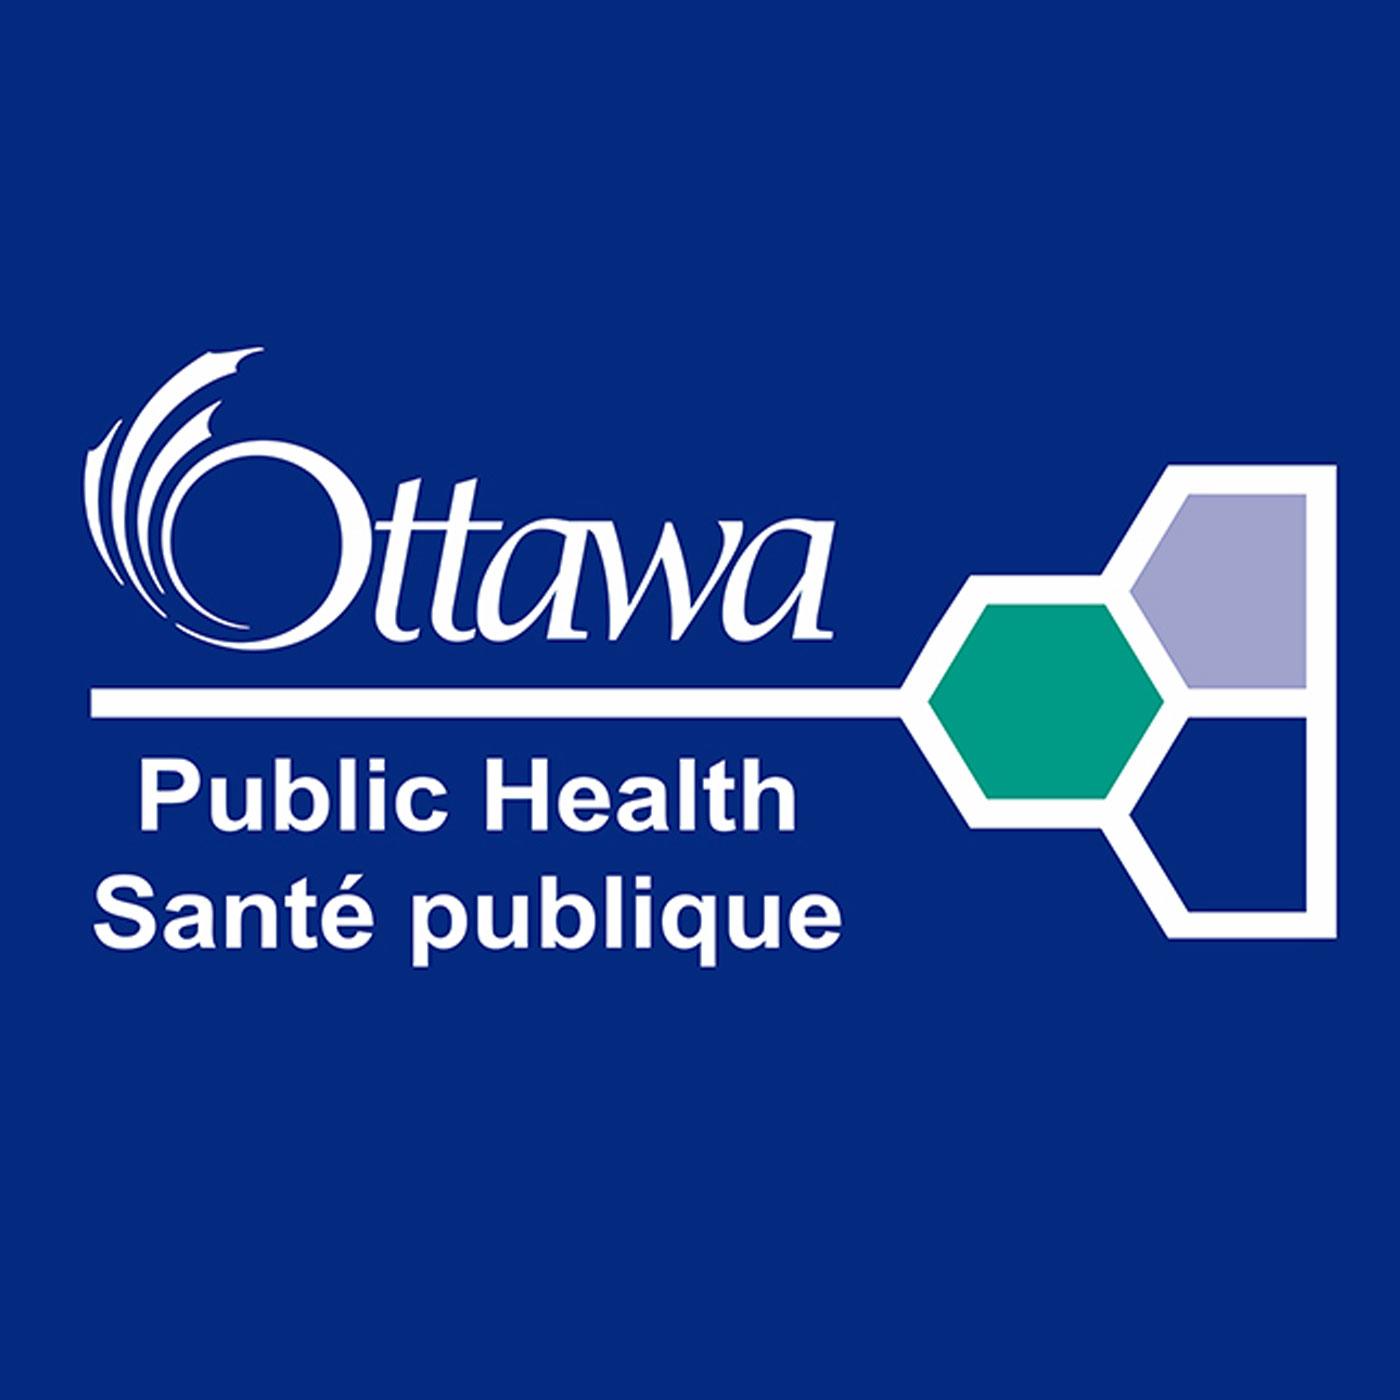 Ottawa Public Health / Santé publique Ottawa